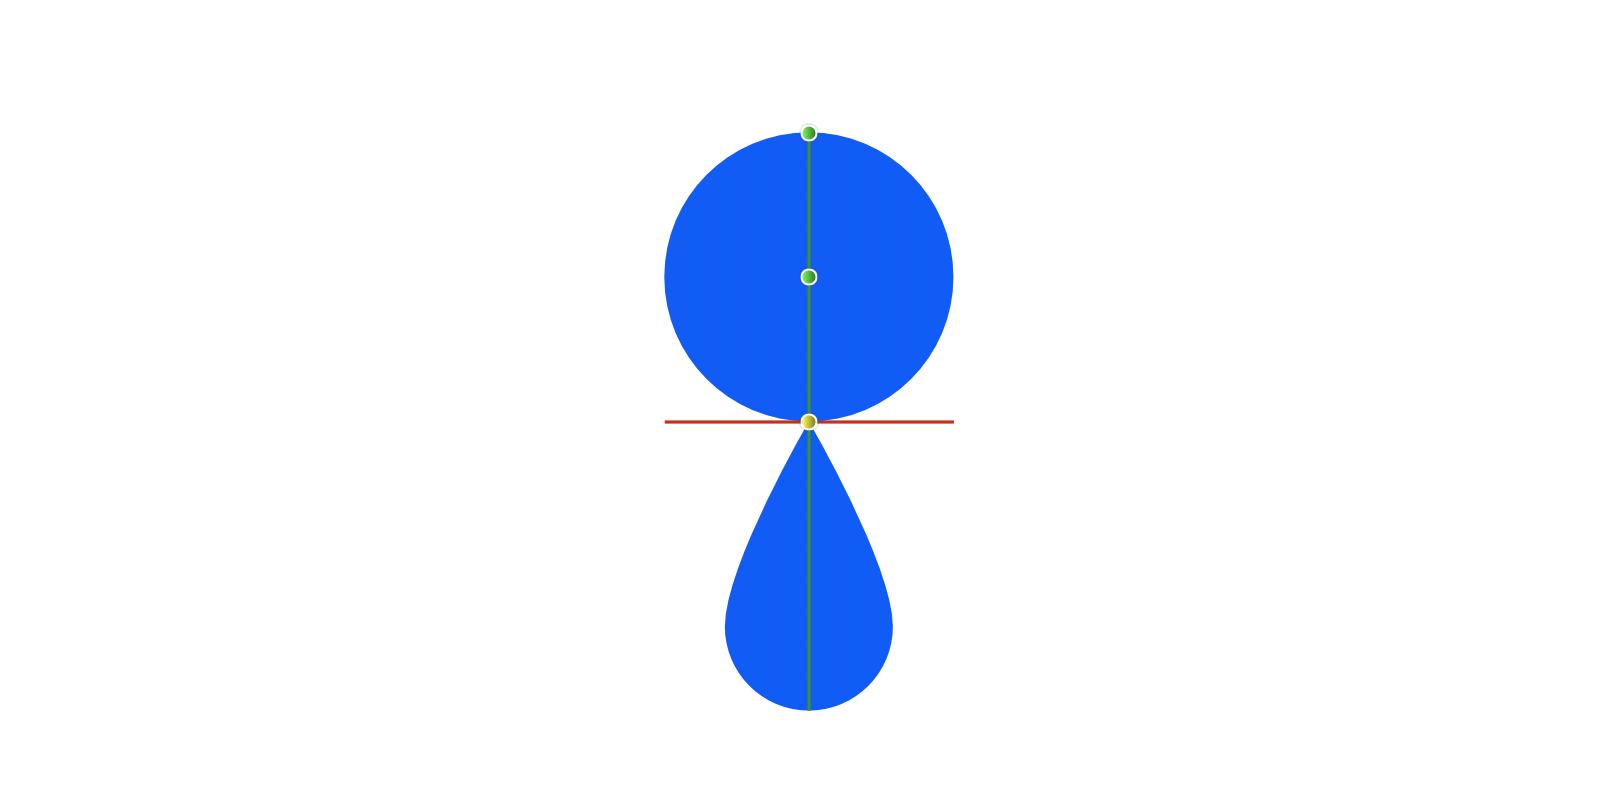 2つのオブジェクトが最下部中央と最上部中央でスナップして、垢と緑の線と黄色いノードでスナップした状態が表されている